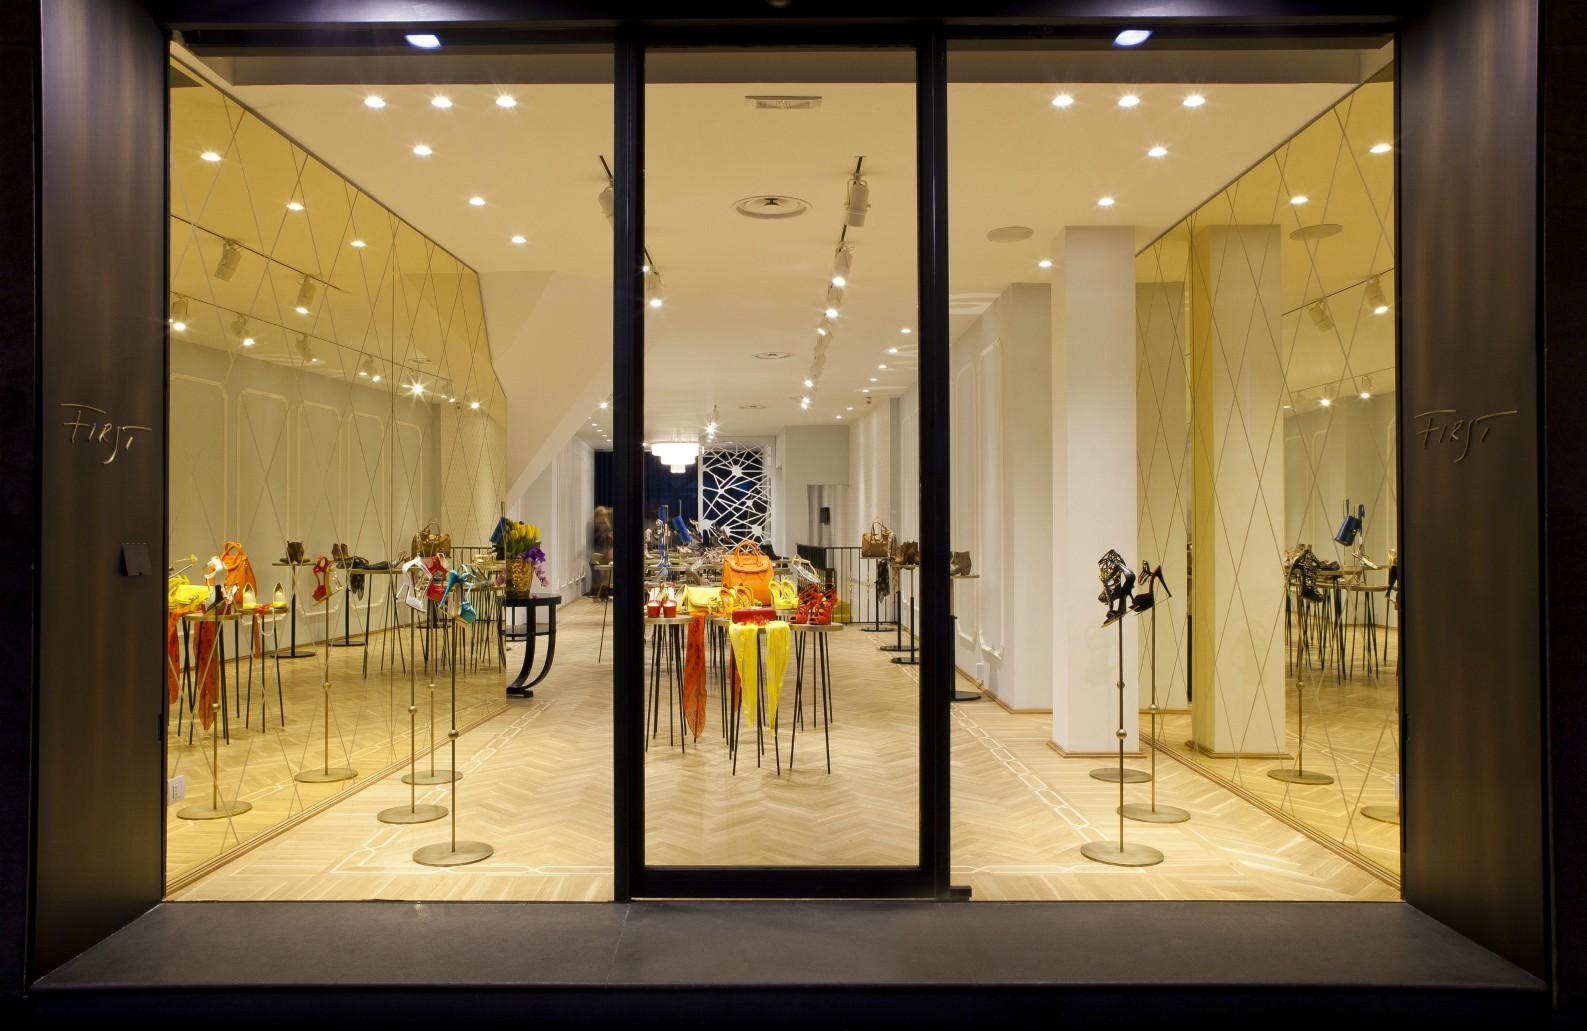 Shoe boutique padova silvia simionato architetto silvia simionato architetto - Ristorante la finestra padova ...